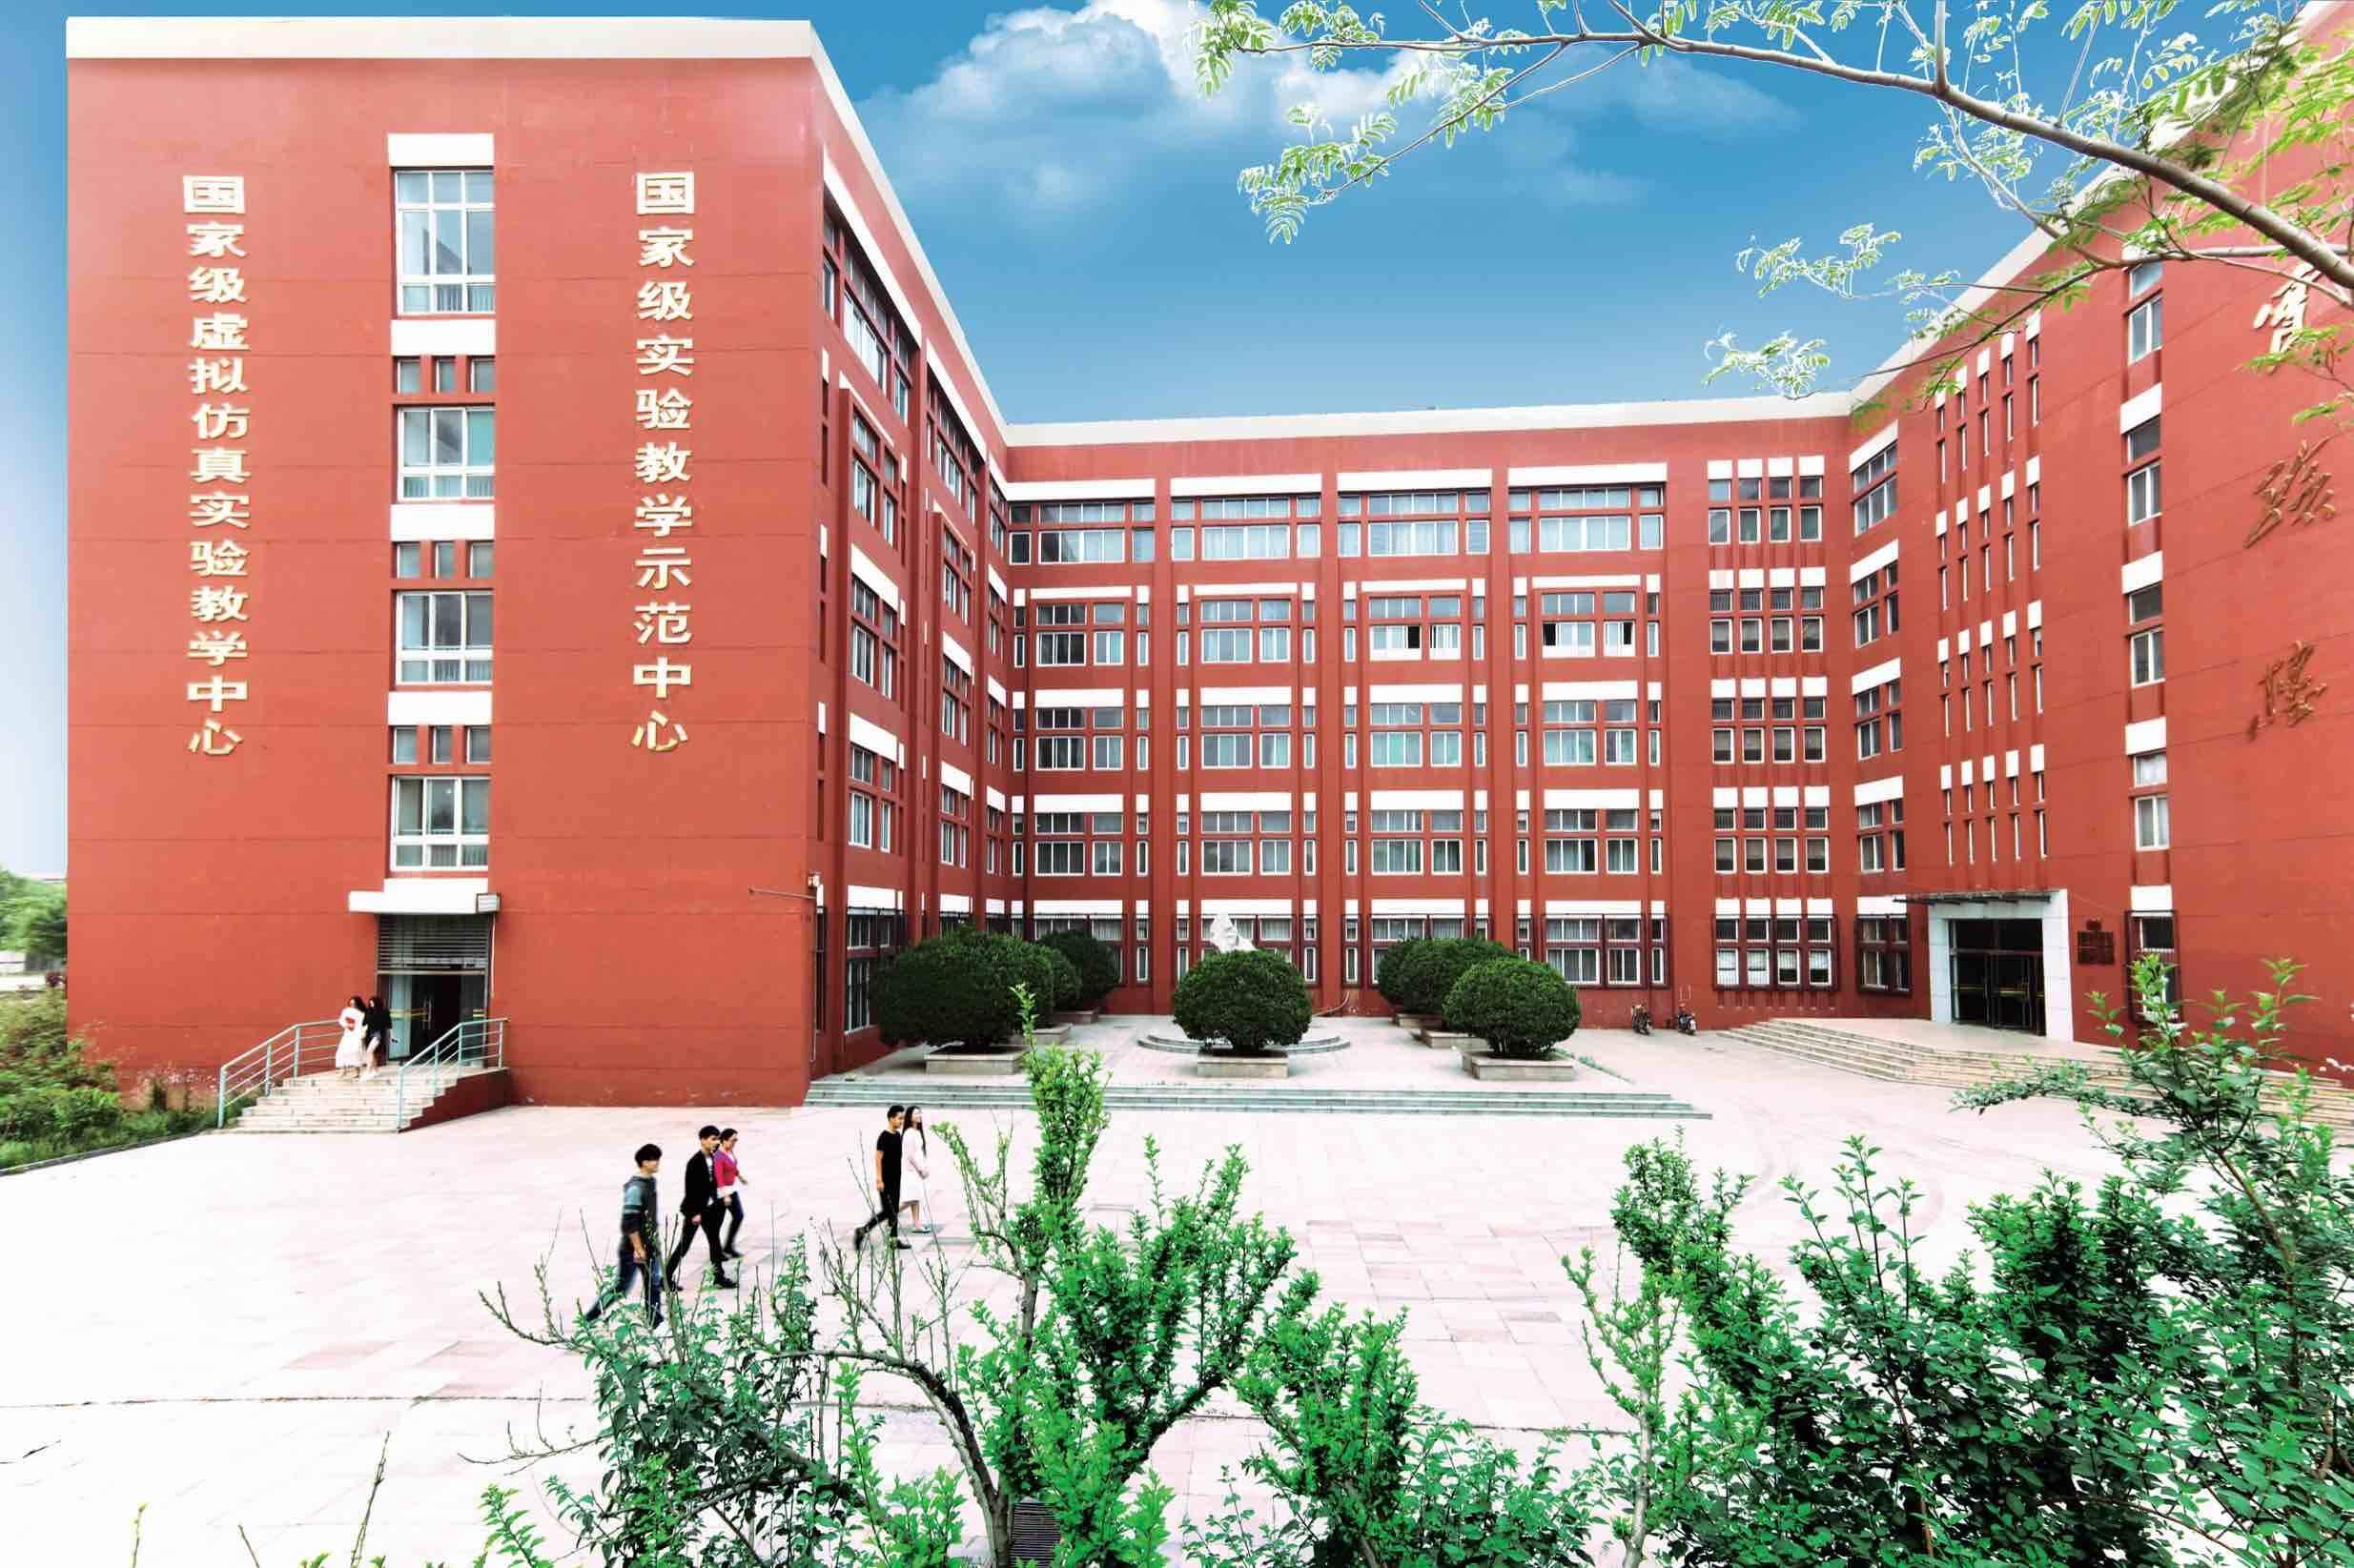 紧跟新时代步伐 创建高水平名校——山东协和学院推进教育教学高质量发展纪实